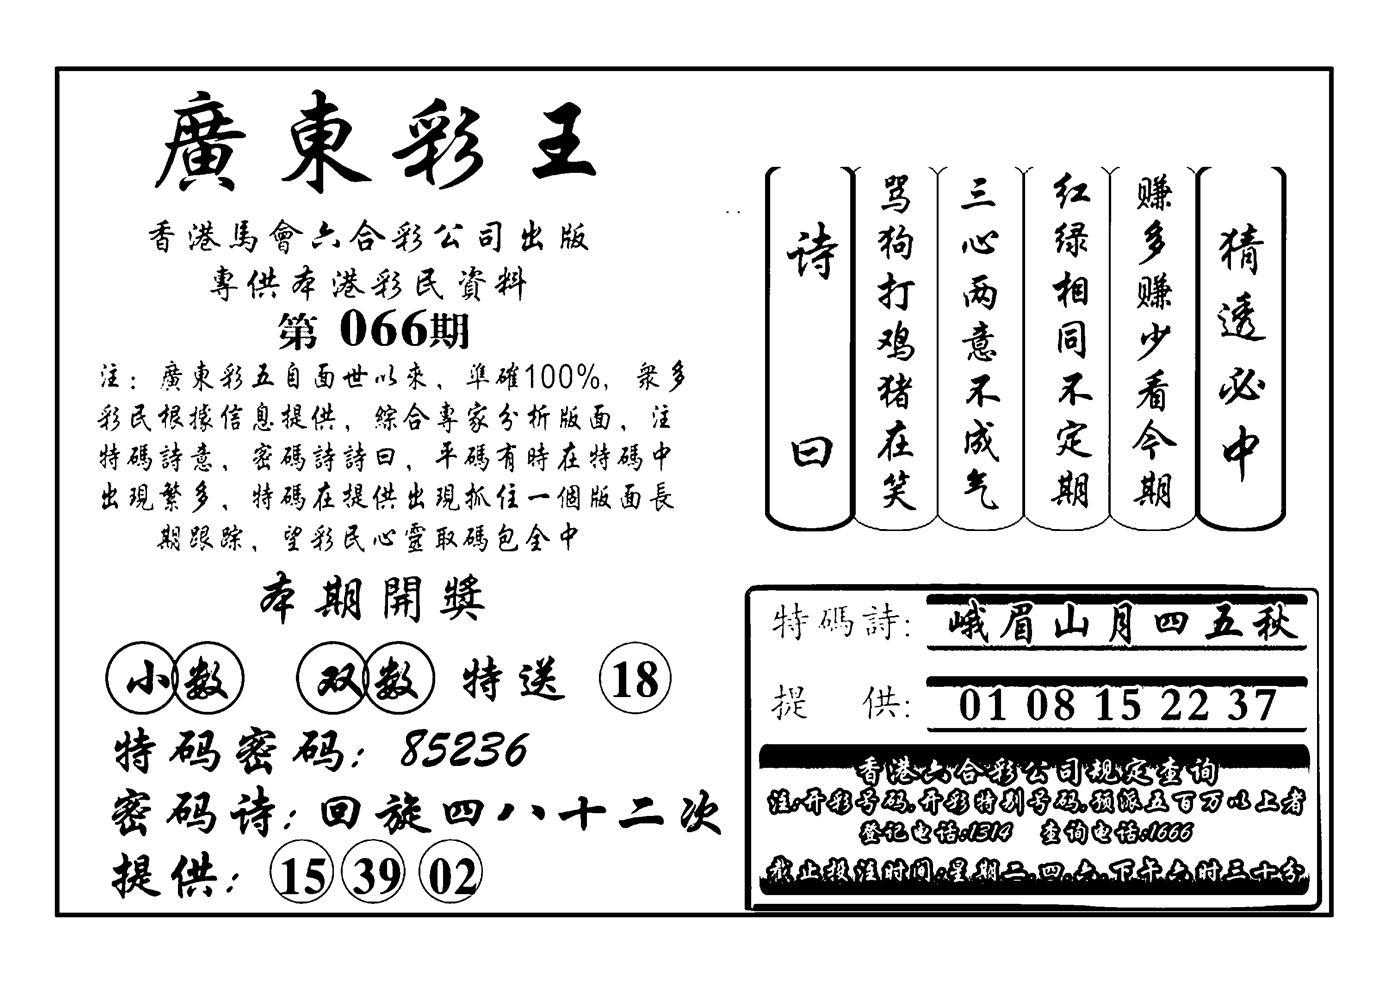 066期广东彩王(黑白)